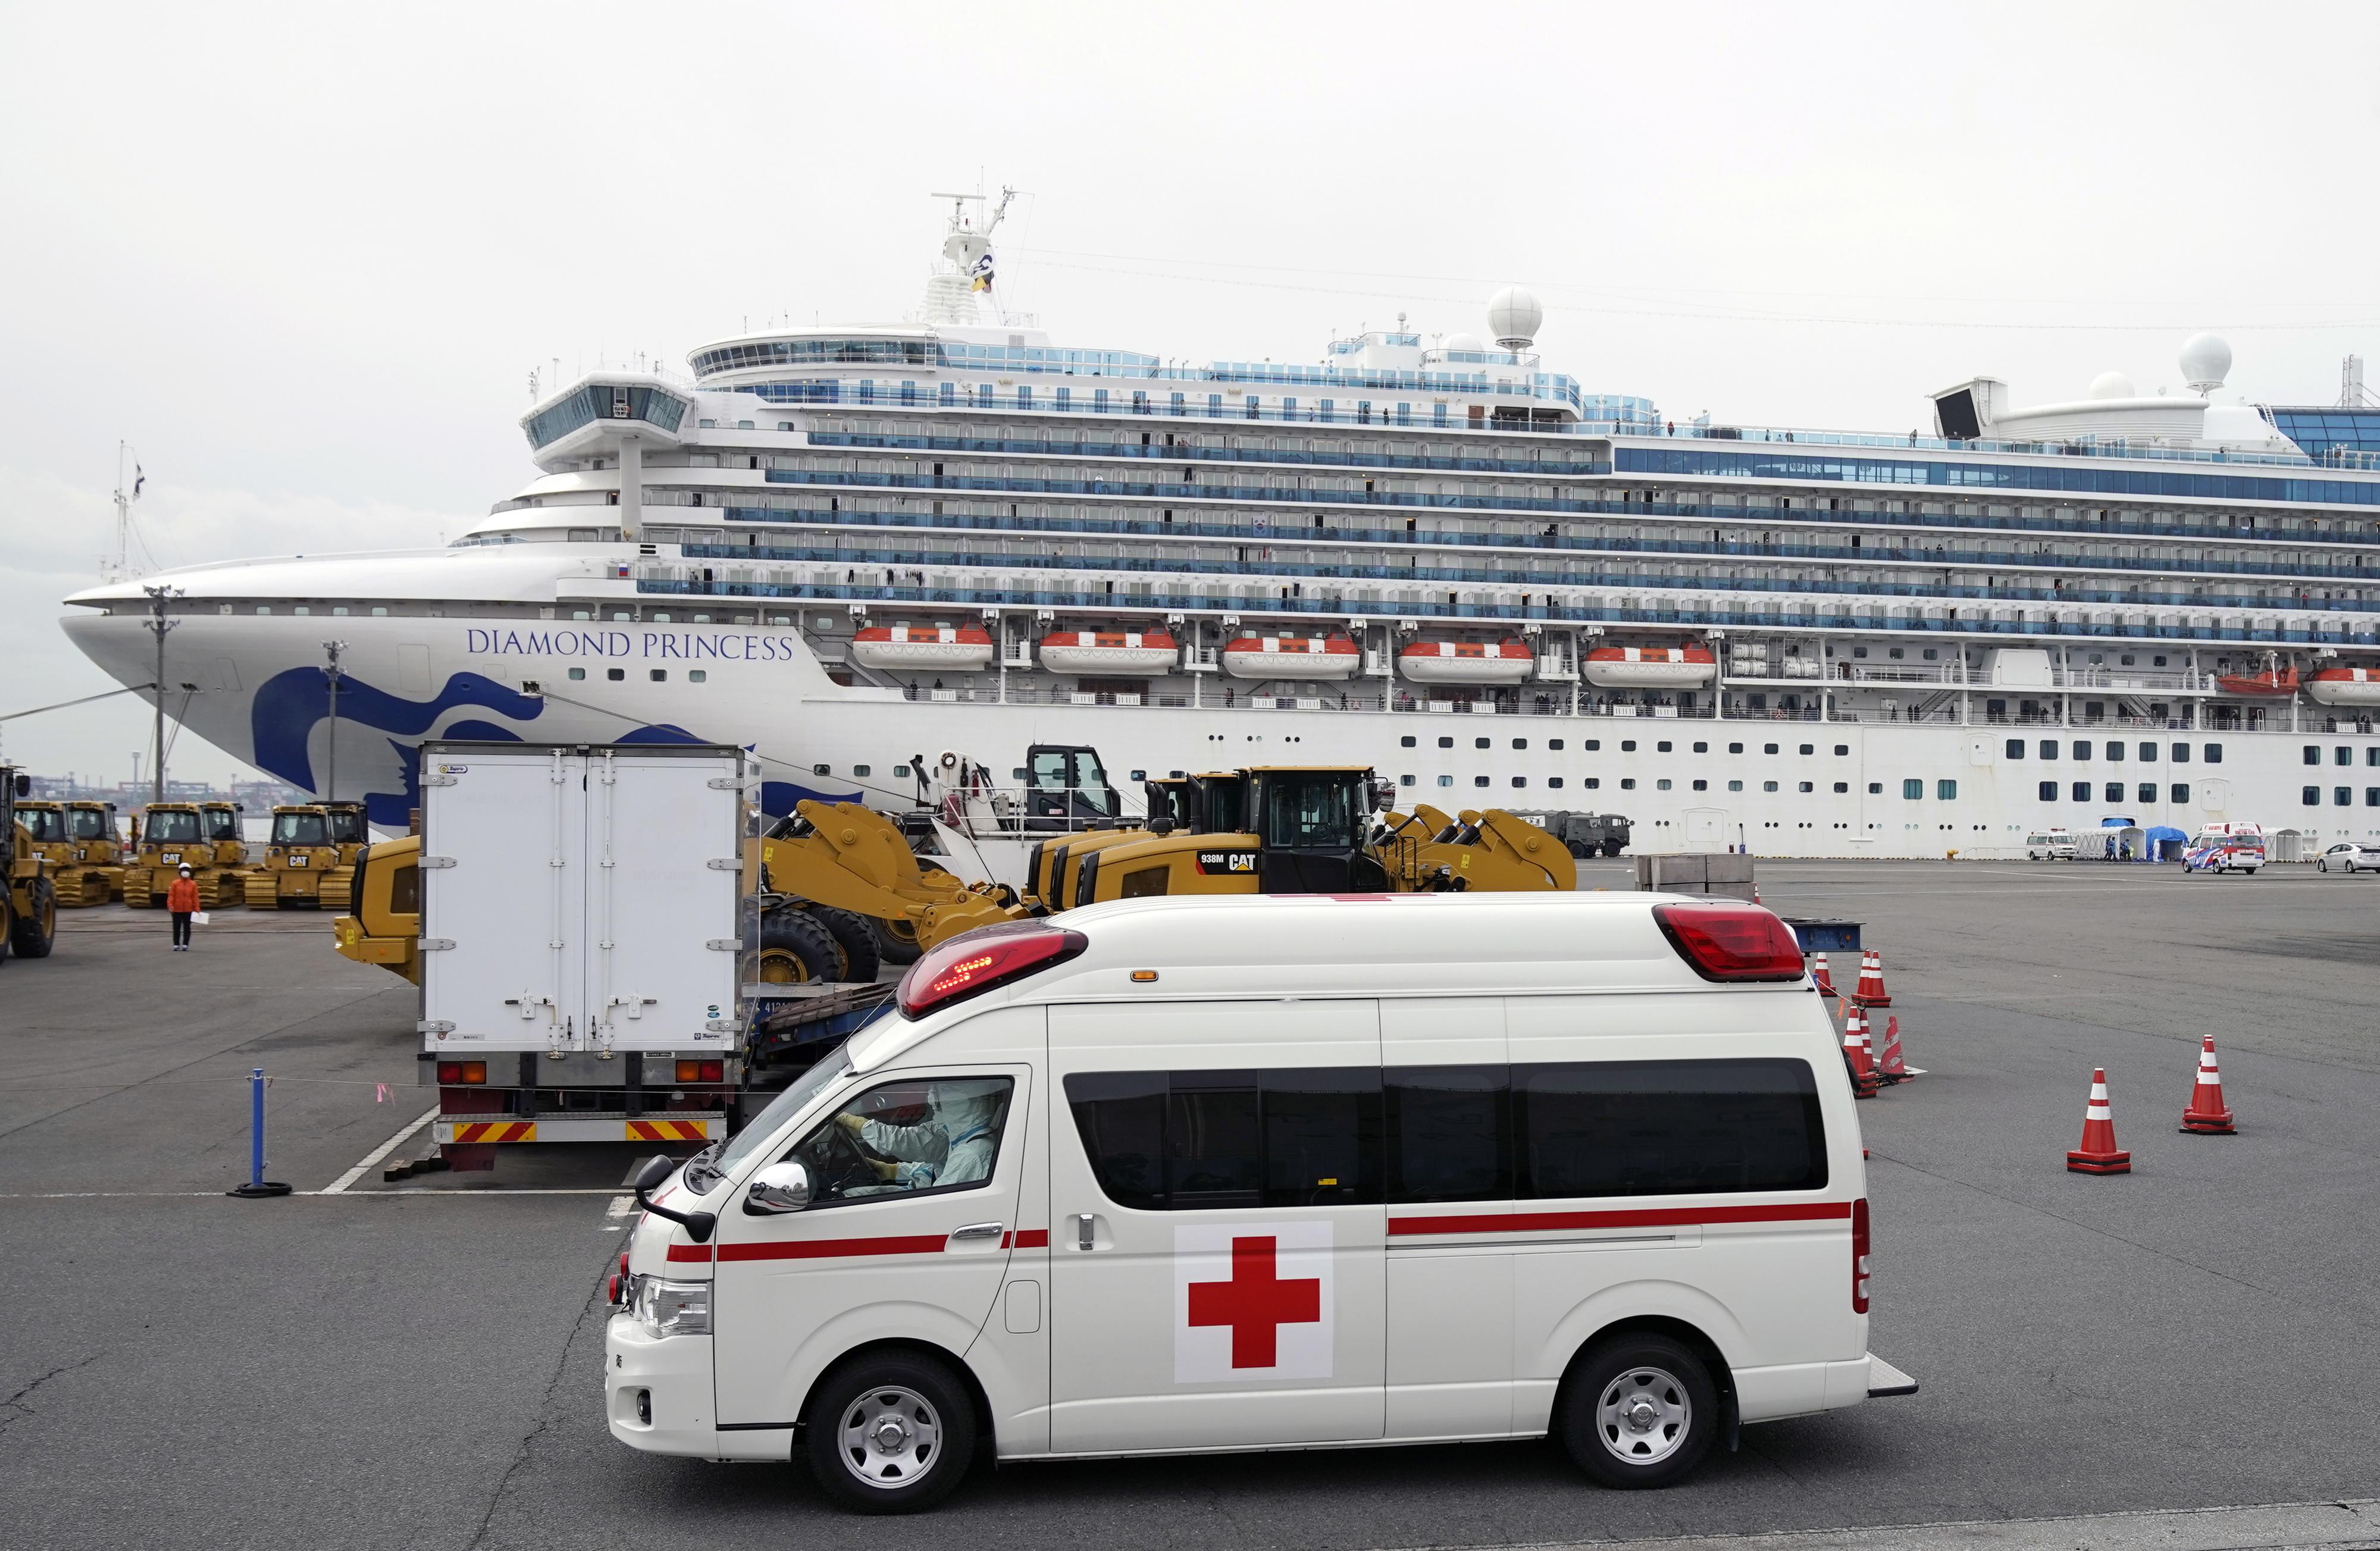 Filipinas vão repatriar 531 cidadãos em navio sob quarentena no Japão